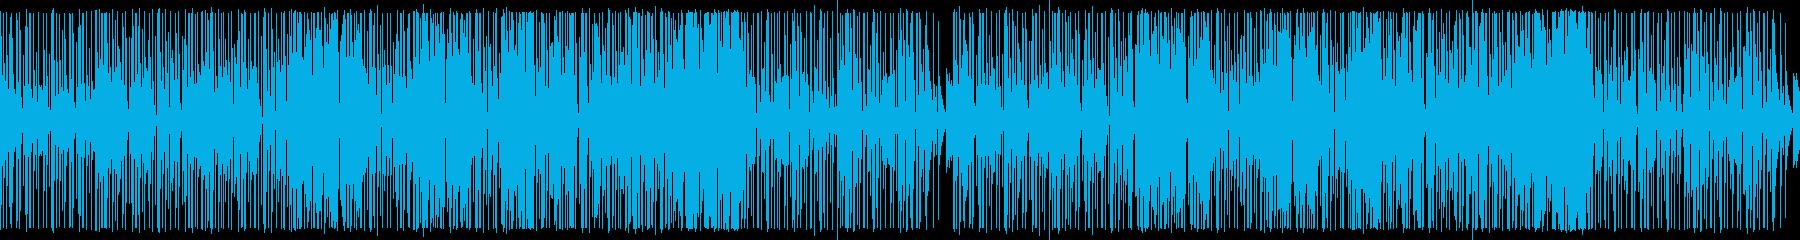 【ループ版】YouTube ファンクの再生済みの波形